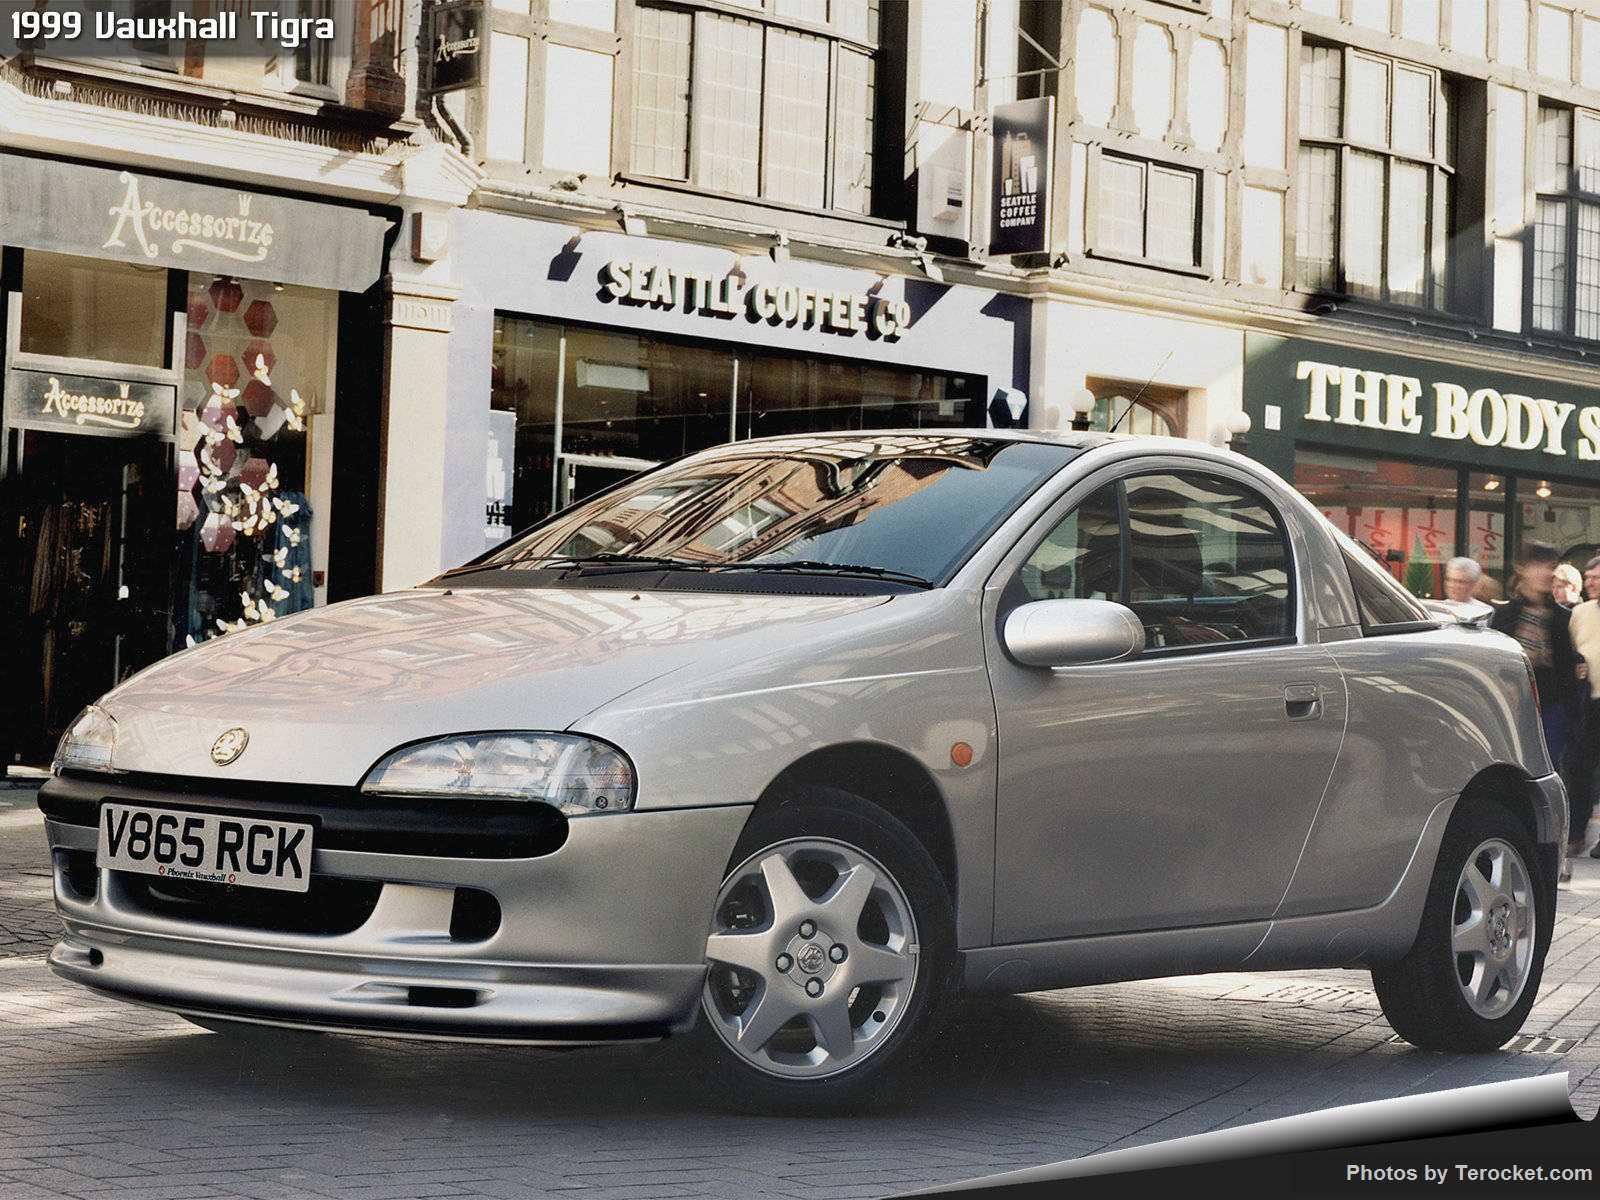 Hình ảnh xe ô tô Vauxhall Tigra 1999 & nội ngoại thất